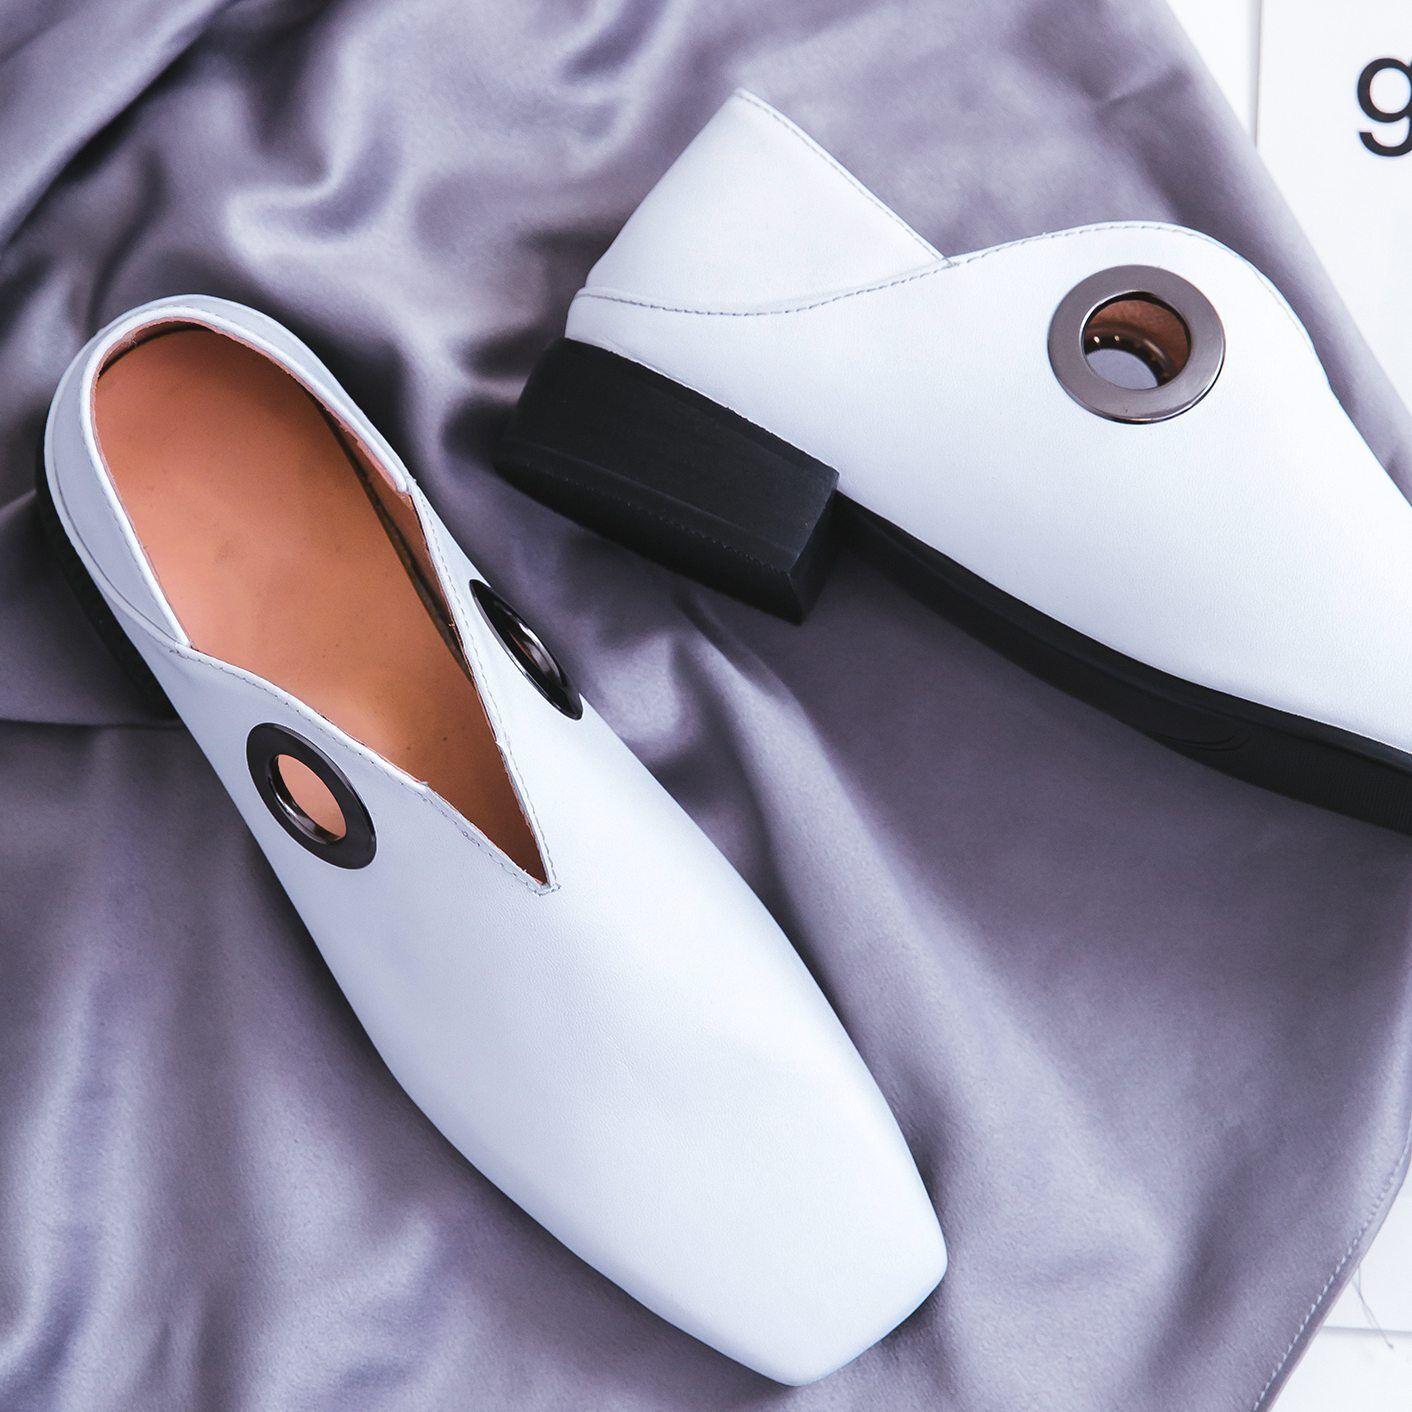 Moda mujeres chatos Slip On On On Mulas botas al Tobillo Dedo Del Pie Cuadrado Cuero Vaca Oxford Caliente  estilo clásico